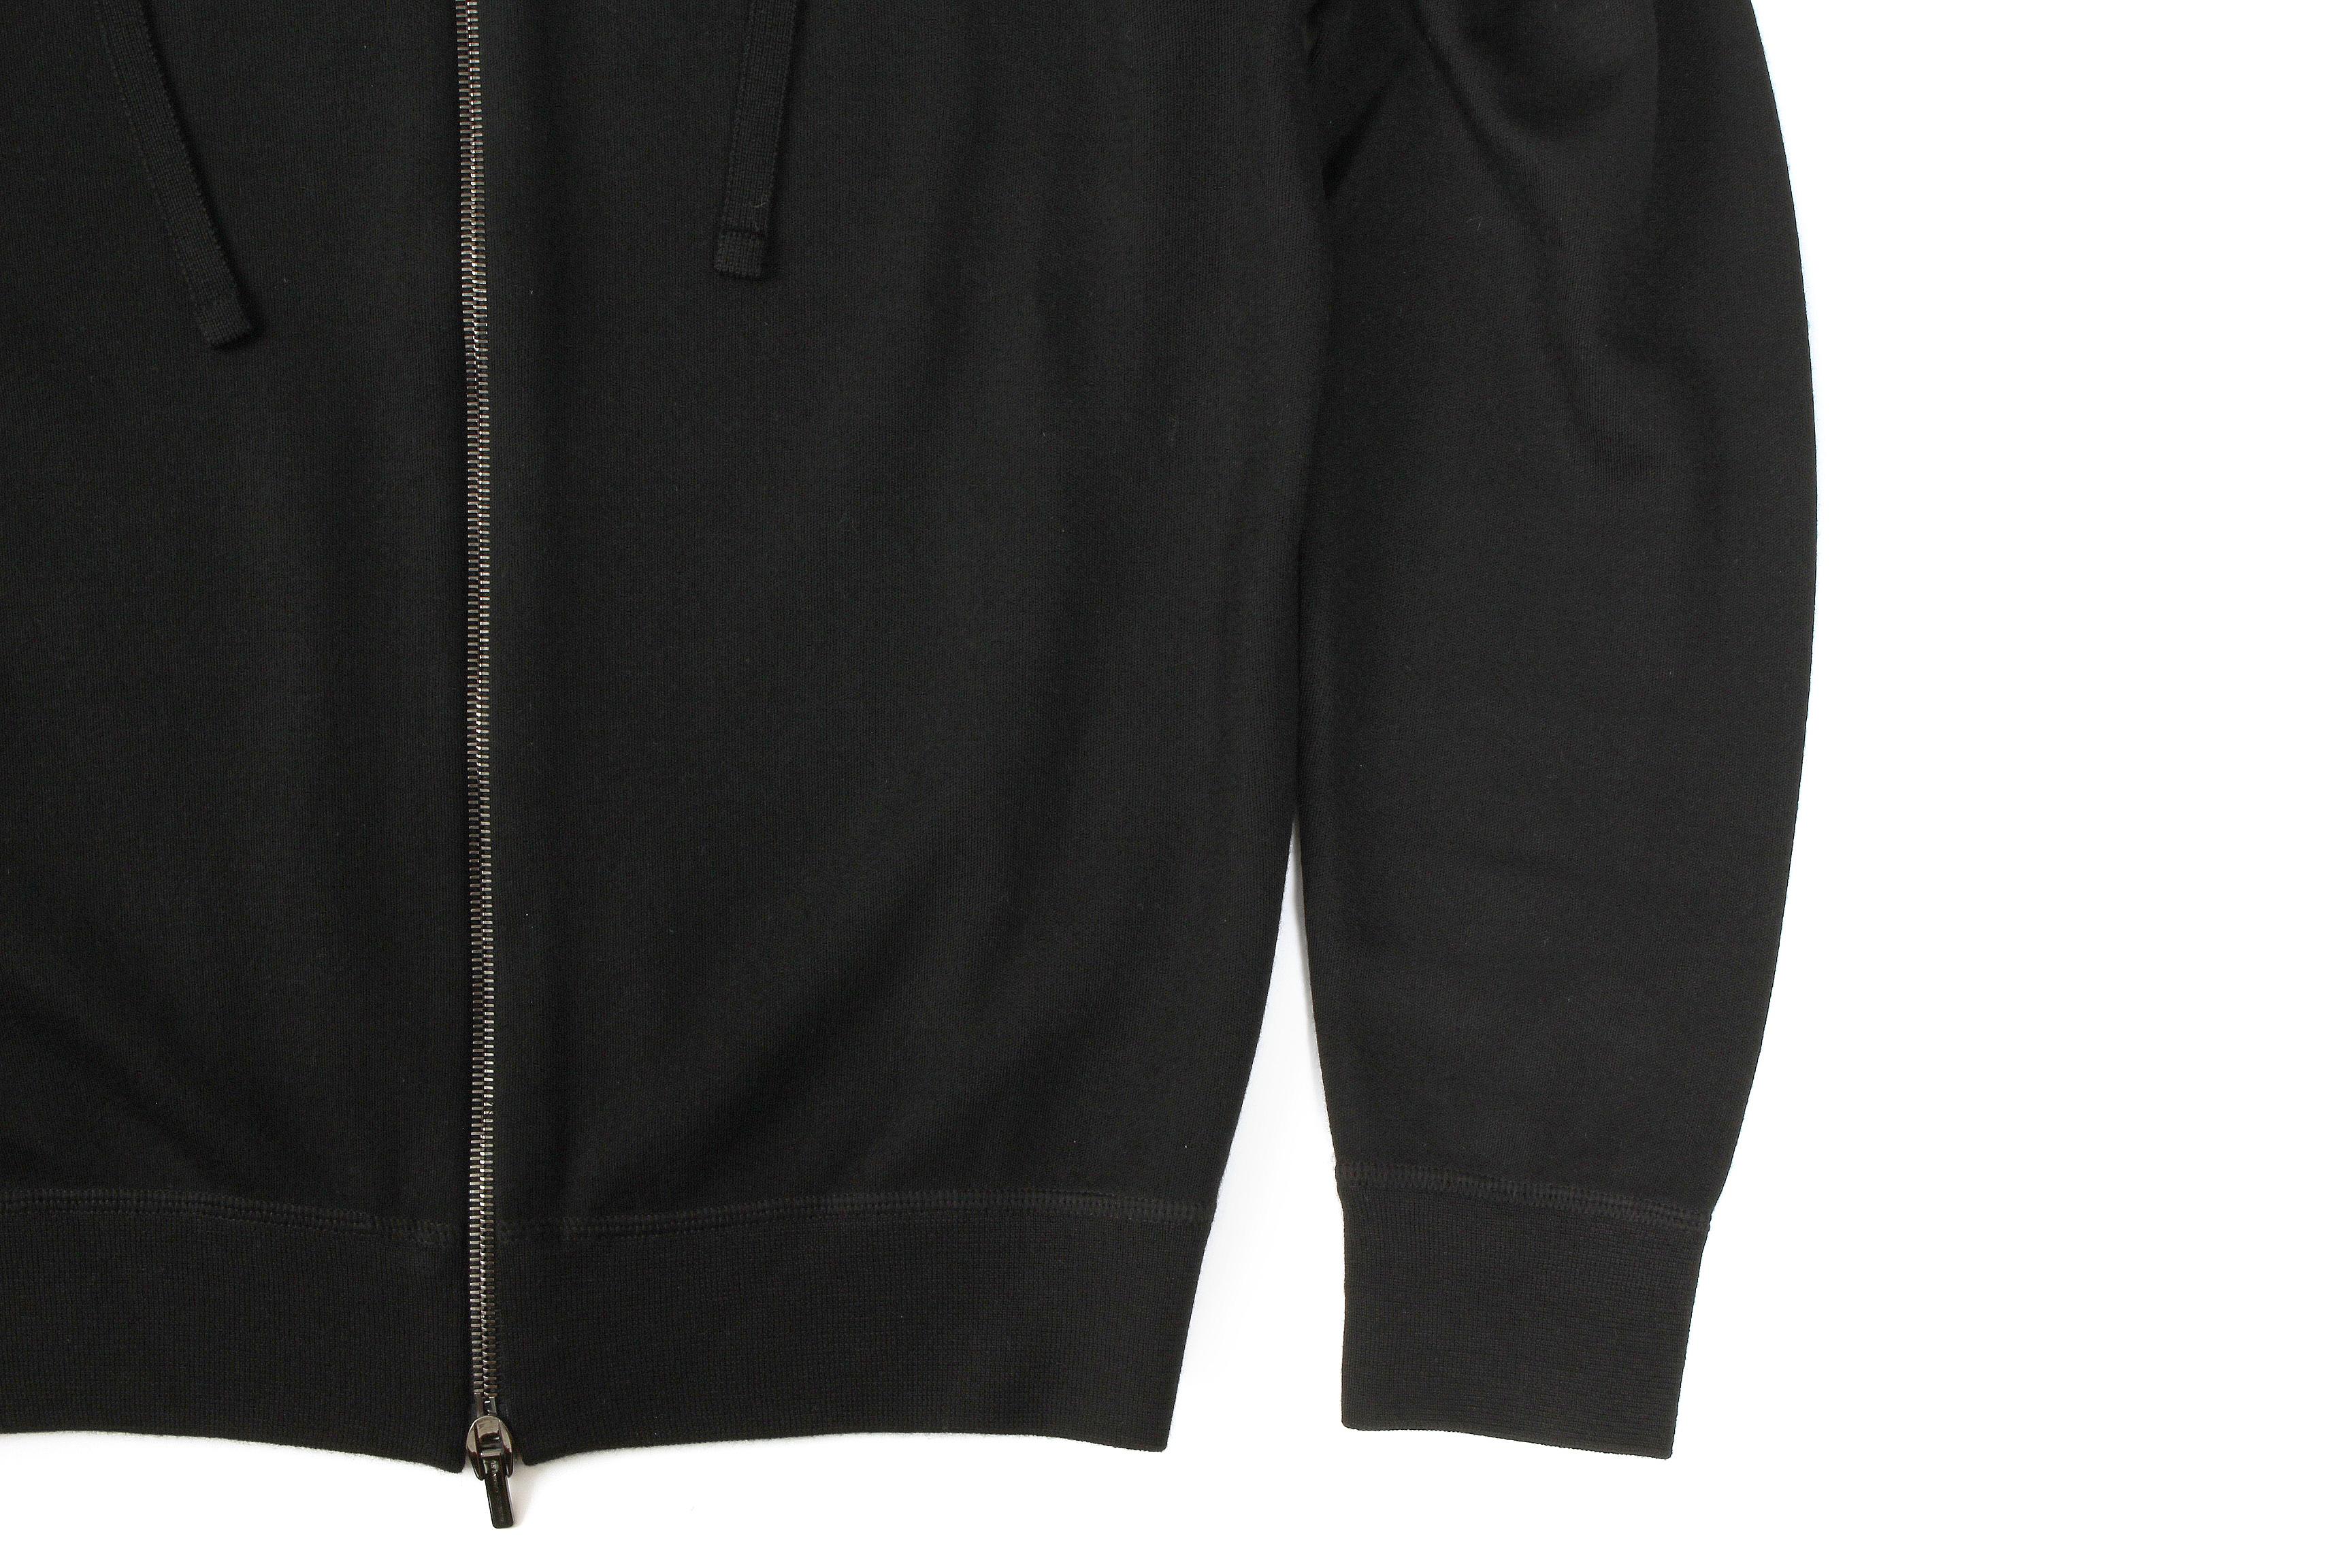 MANRICO CASHMERE (マンリコ カシミア) Super Cashmere Zip Up Knit Parker (スーパーカシミア ジップアップ ニットパーカー) ハイゲージ アラシャンカシミヤニット パーカー BLACK (ブラック) made in italy (イタリア製) 2021 【ご予約受付中】愛知 名古屋 Alto e Diritto altoediritto アルトエデリット カシミヤパーカー